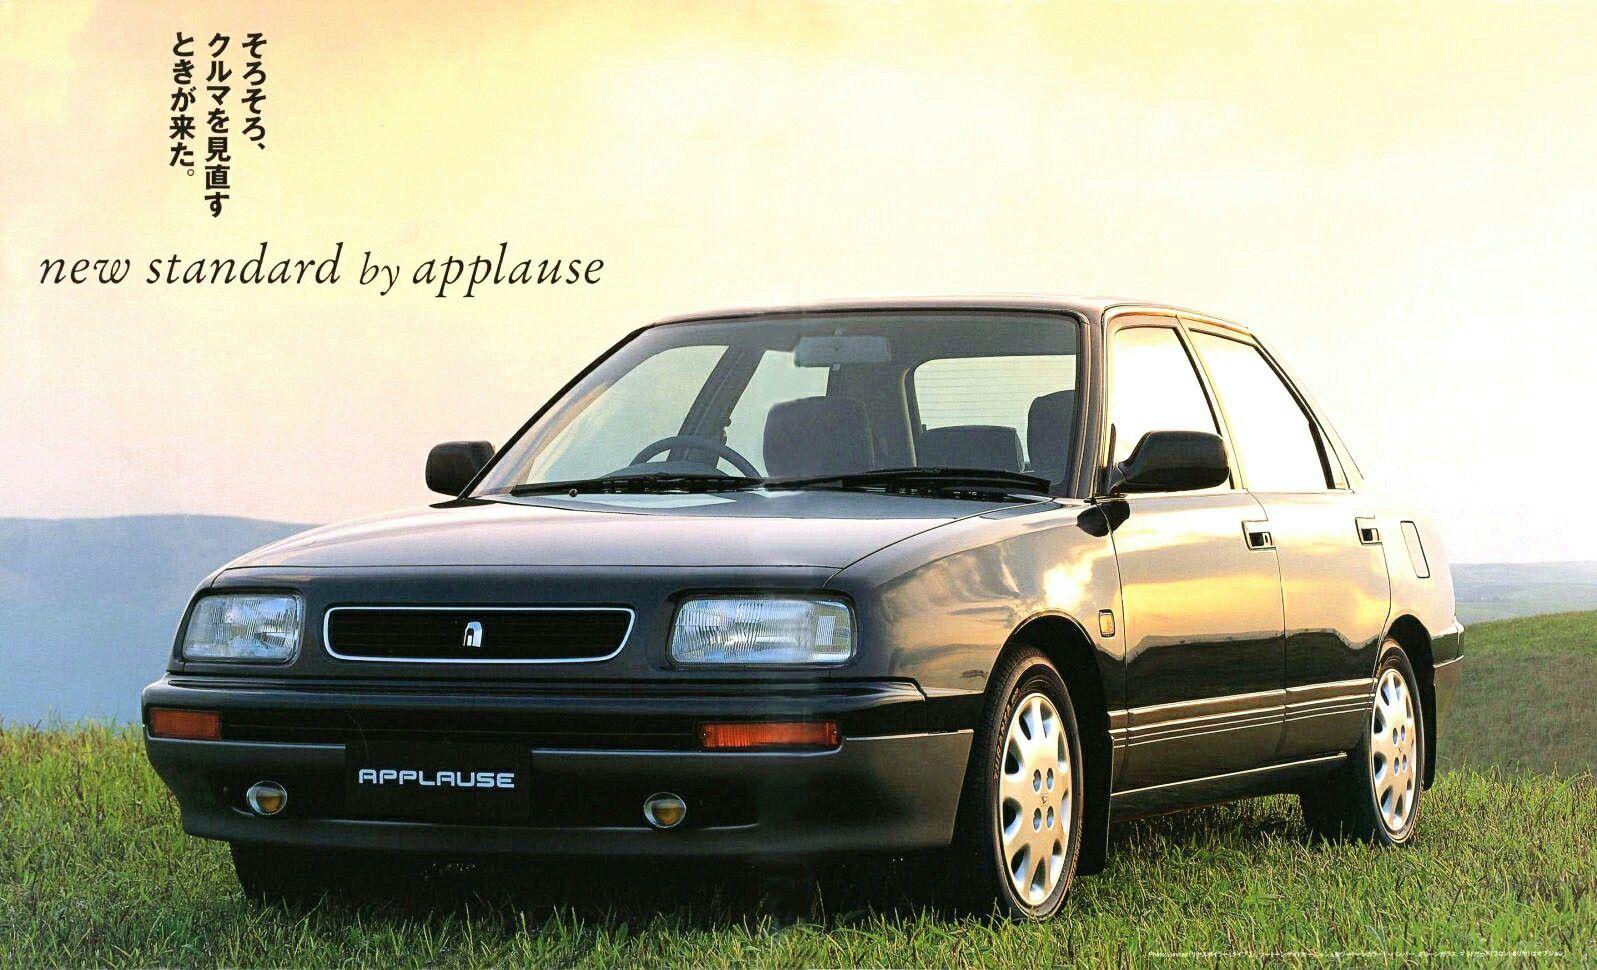 Daihatsu Applause 1992